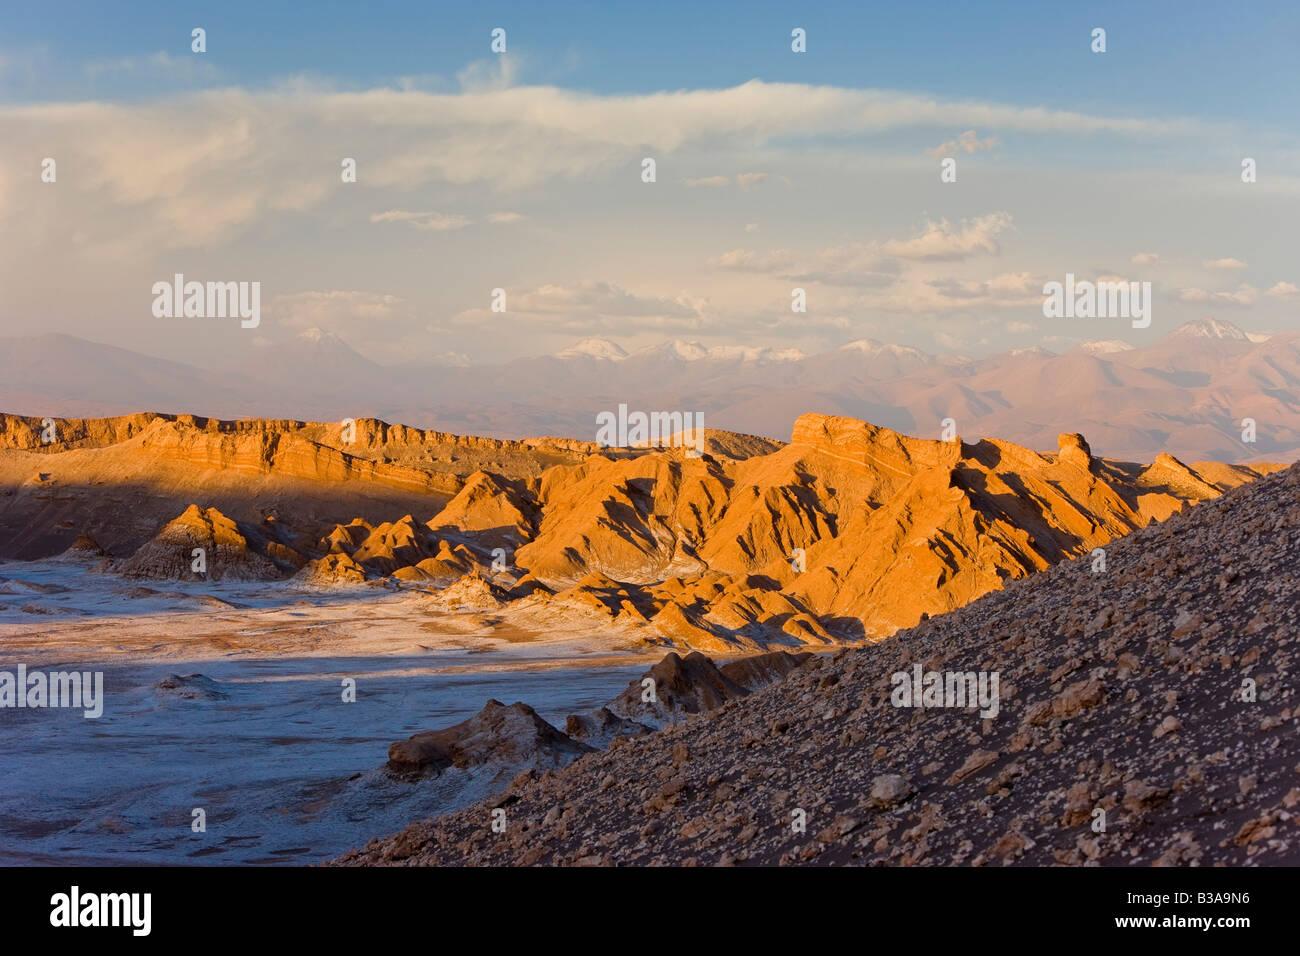 Chile, Norte Grande, Atacama desert, Valle de la Luna / Valley of the Moon - Stock Image